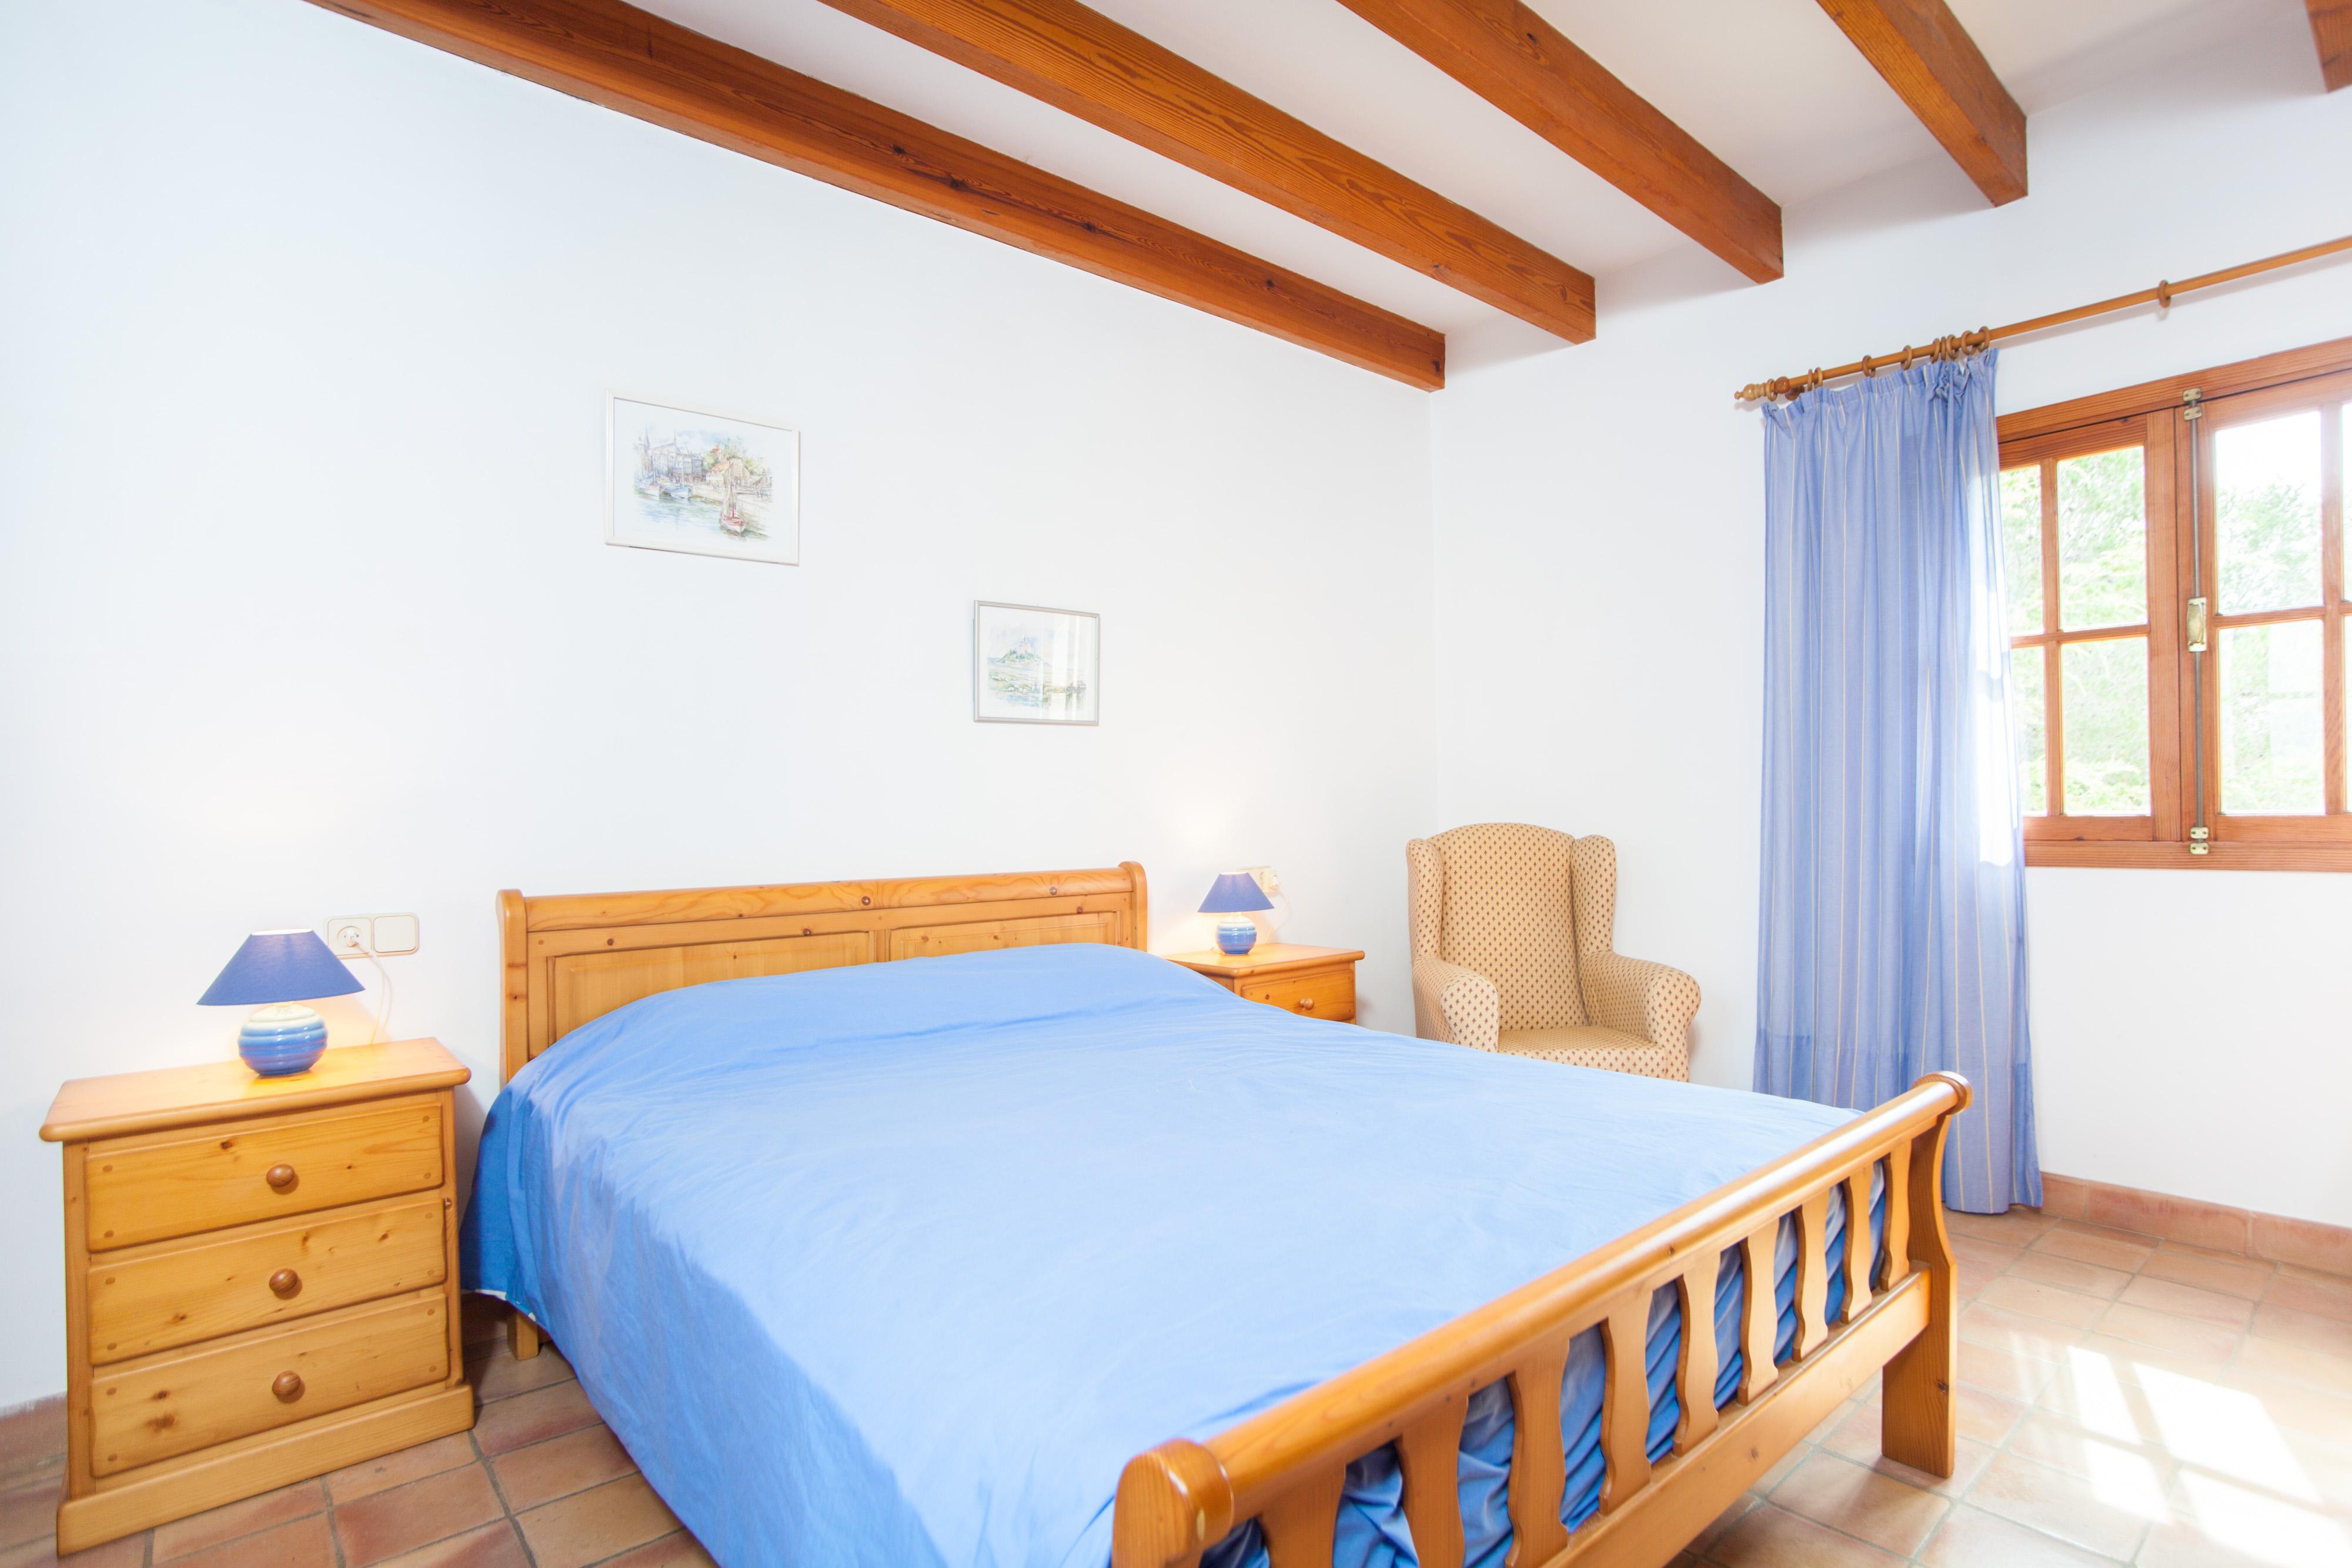 Maison de vacances SON BRINES (1871713), Lloret de Vistalegre, Majorque, Iles Baléares, Espagne, image 21